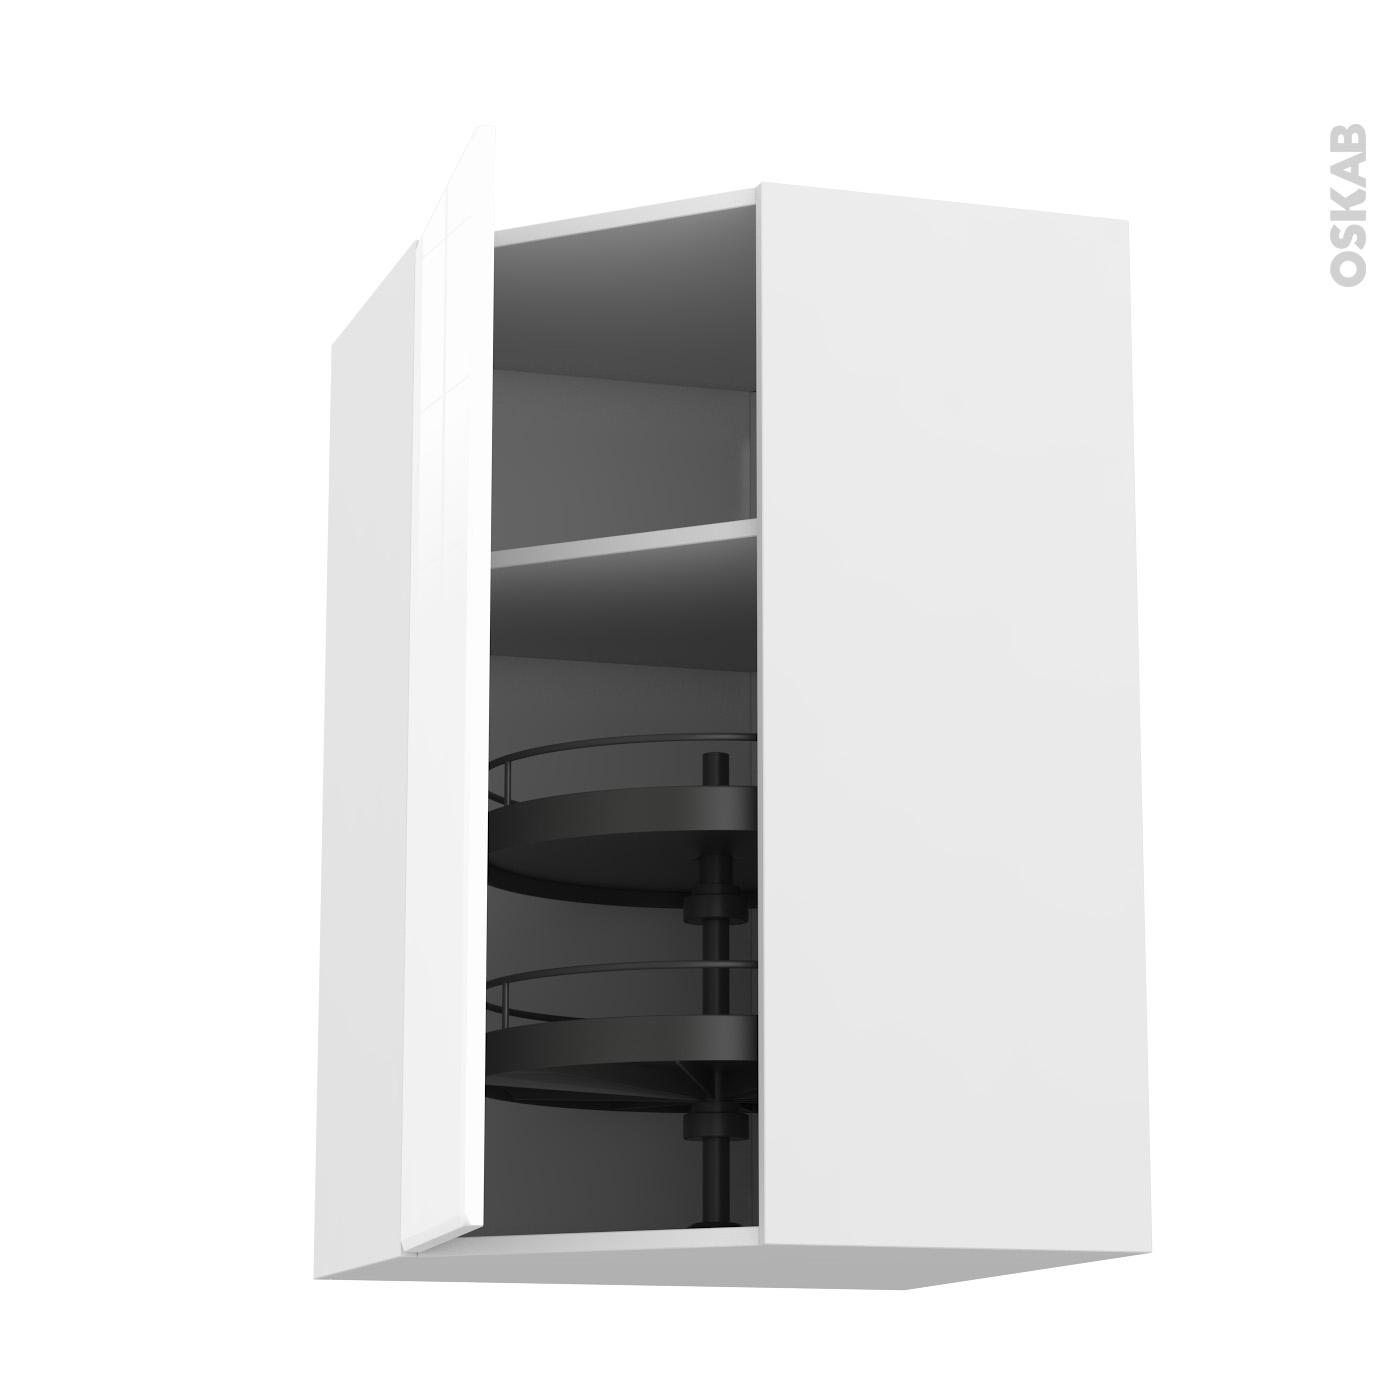 meuble de cuisine angle haut iris blanc tourniquet 1 porte n 23 l40 cm l65 x h92 x p37 cm